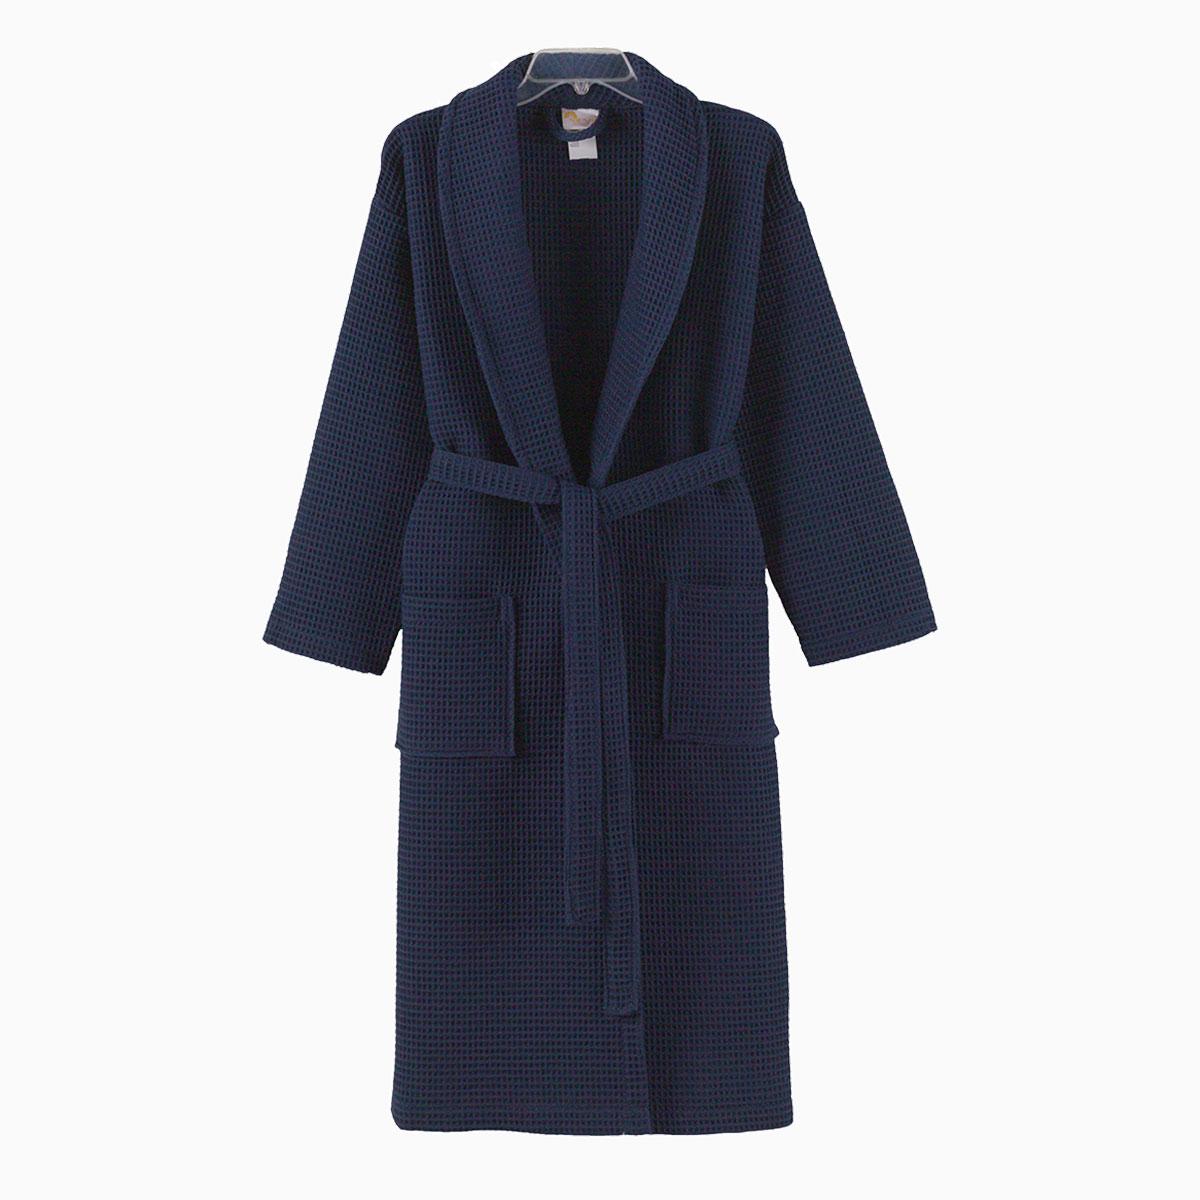 Банный халат Pamira цвет: синий (M) Arya ar467088